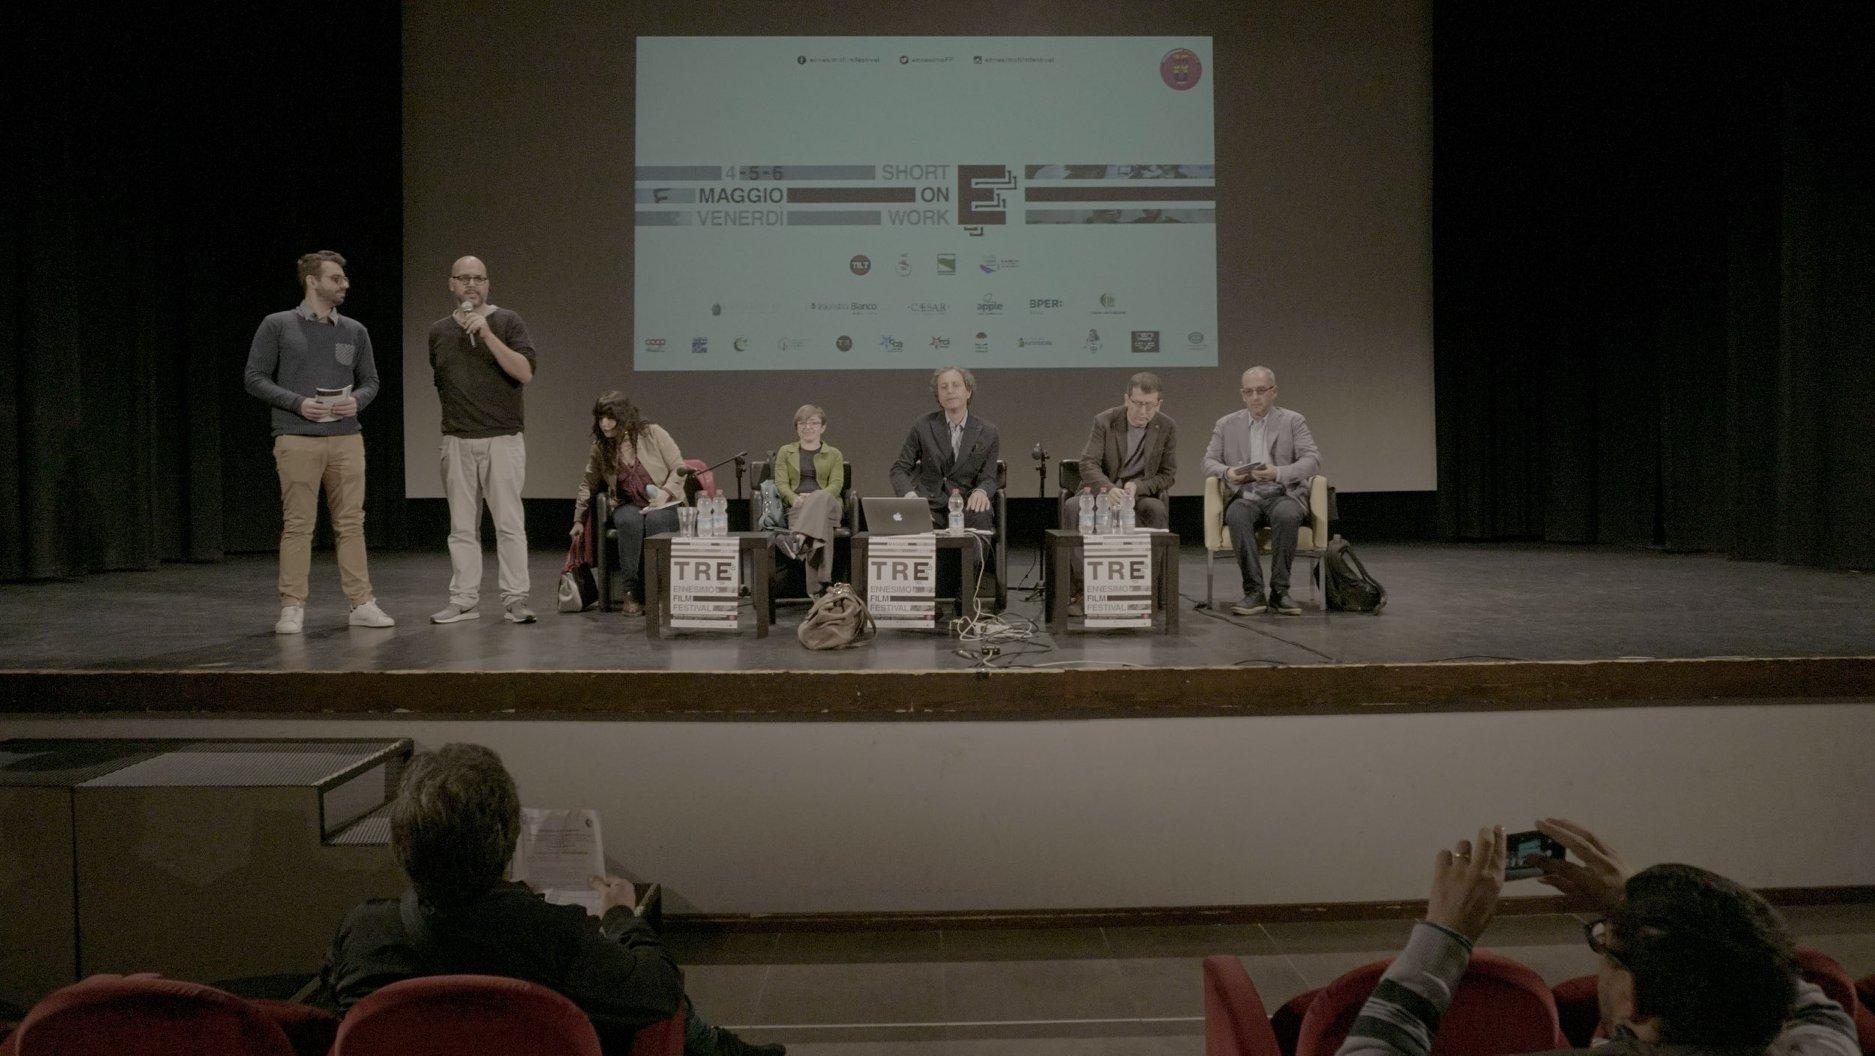 seminario giornalisti 2018 fondazione marco biagi short on work